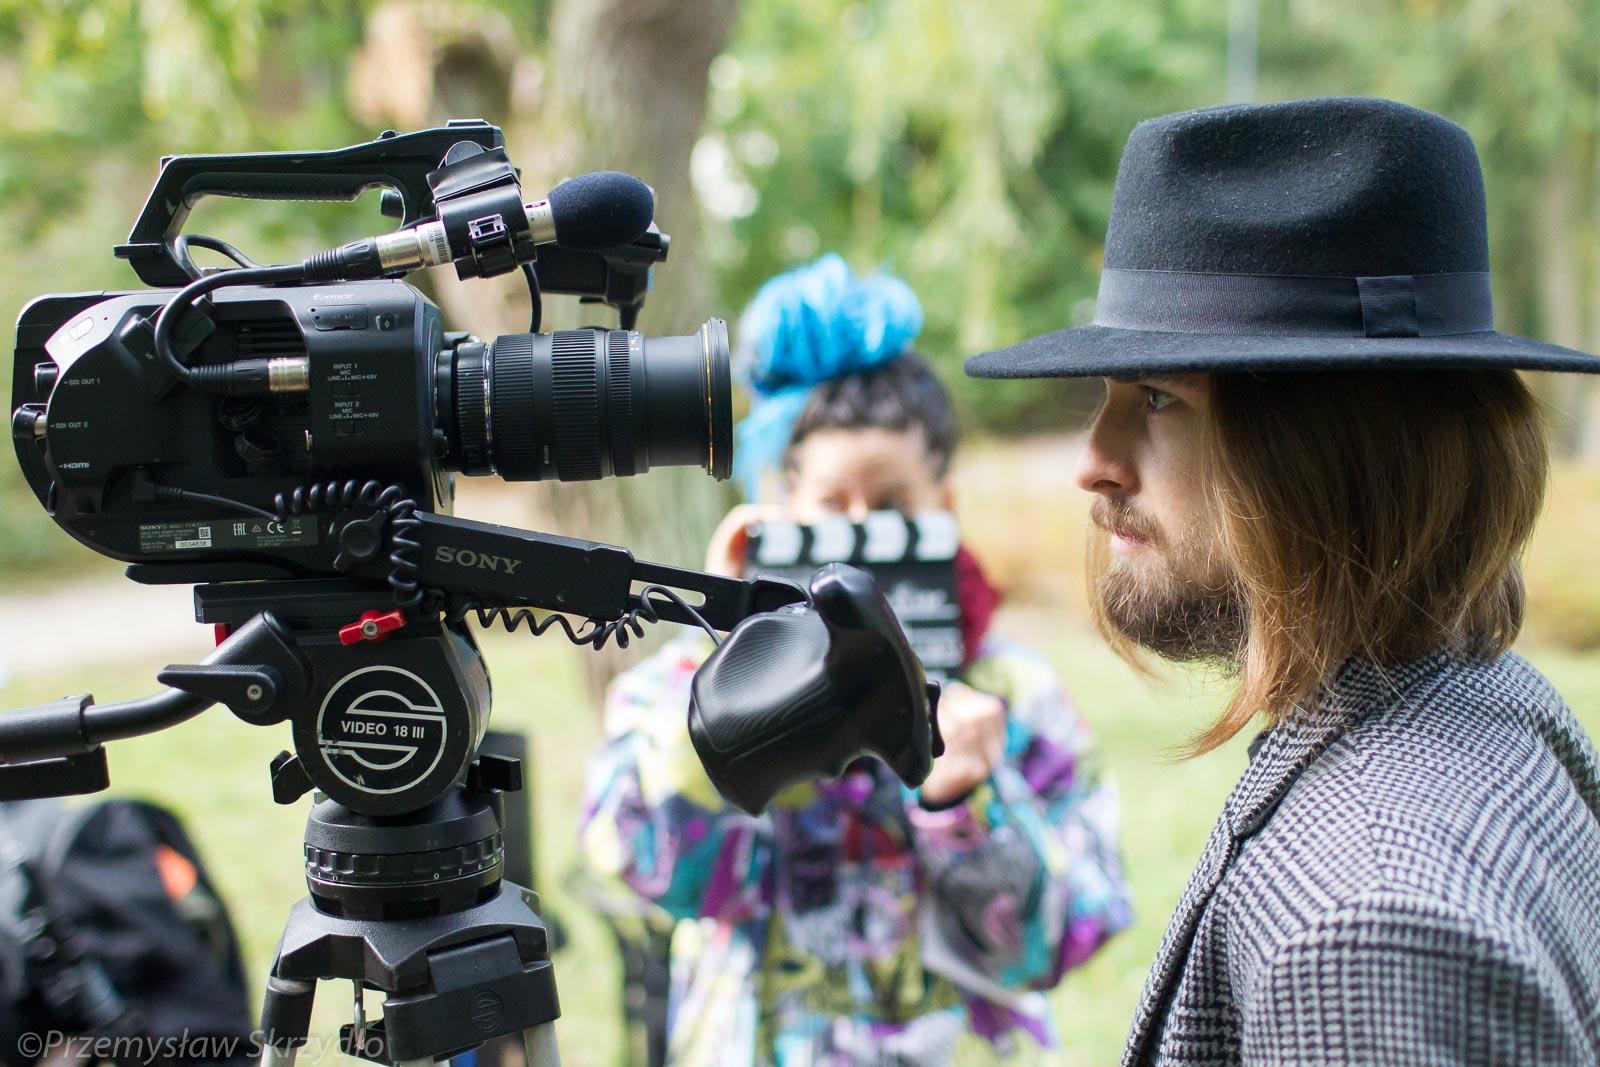 Filmy zrealizowane podczas warsztatów SCAN 2020